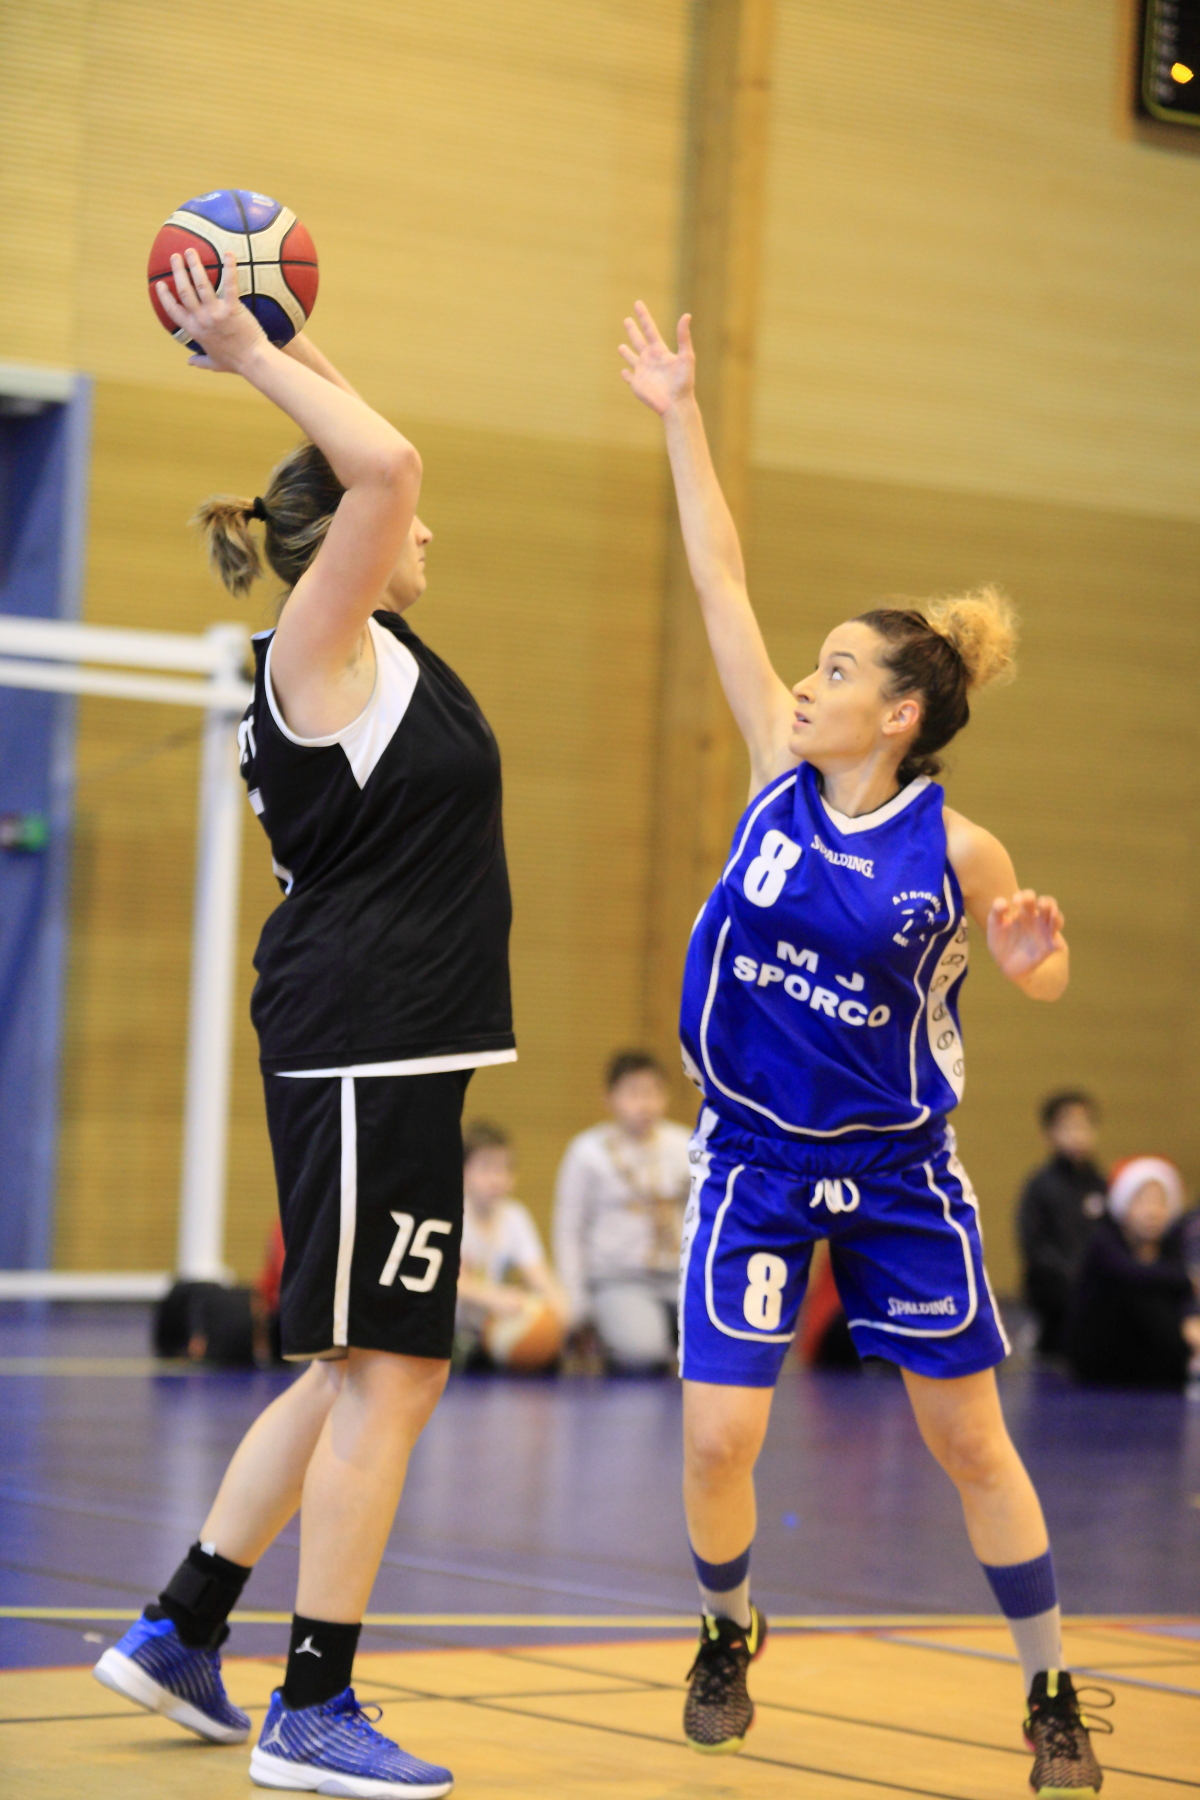 Match 4